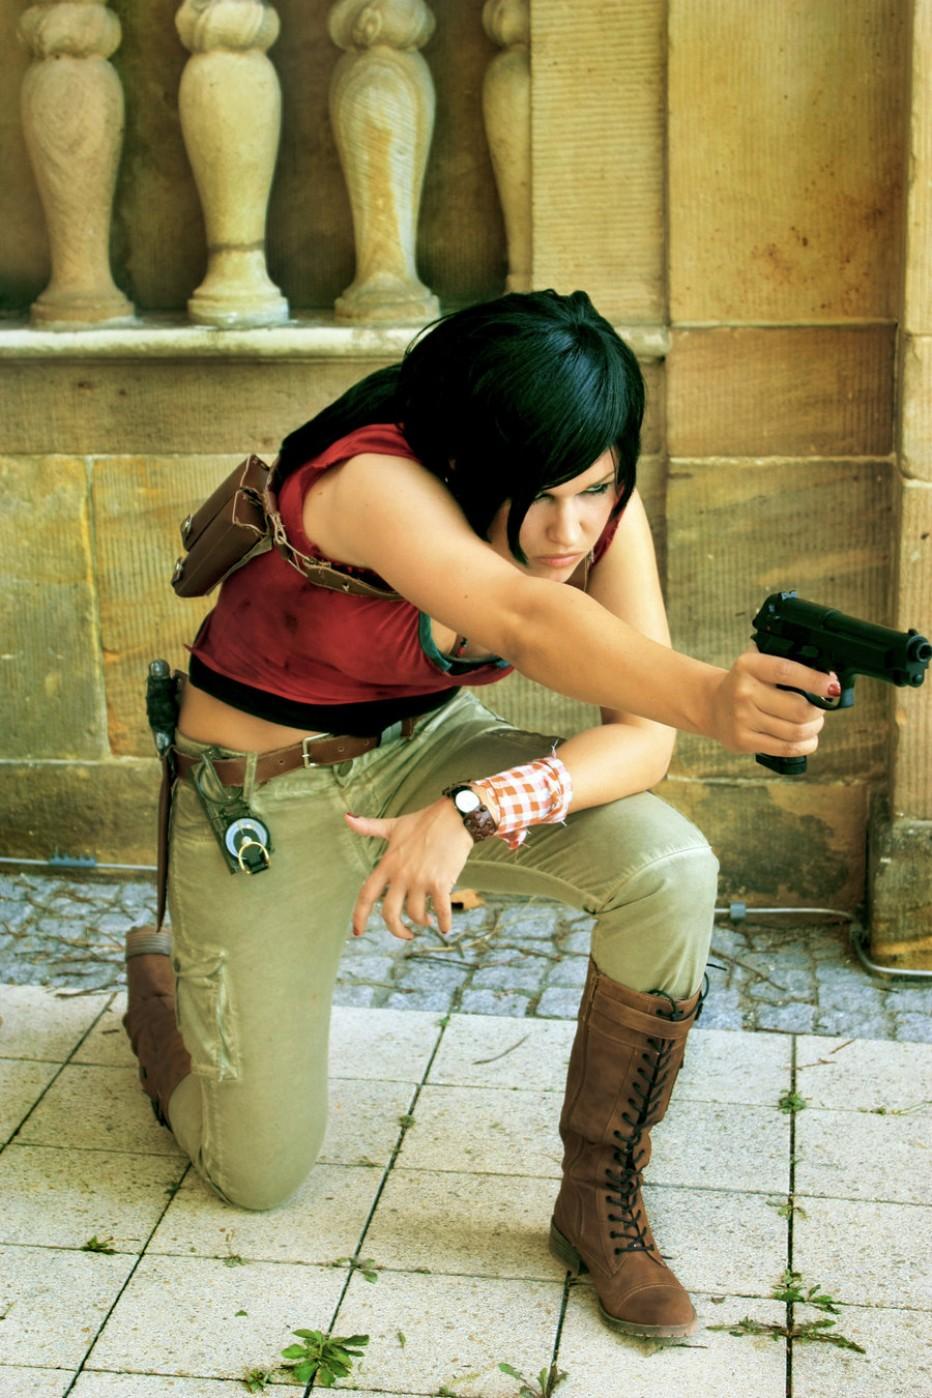 Uncharted-Chloe-Cosplay-Gamers-Heroes-1.jpg